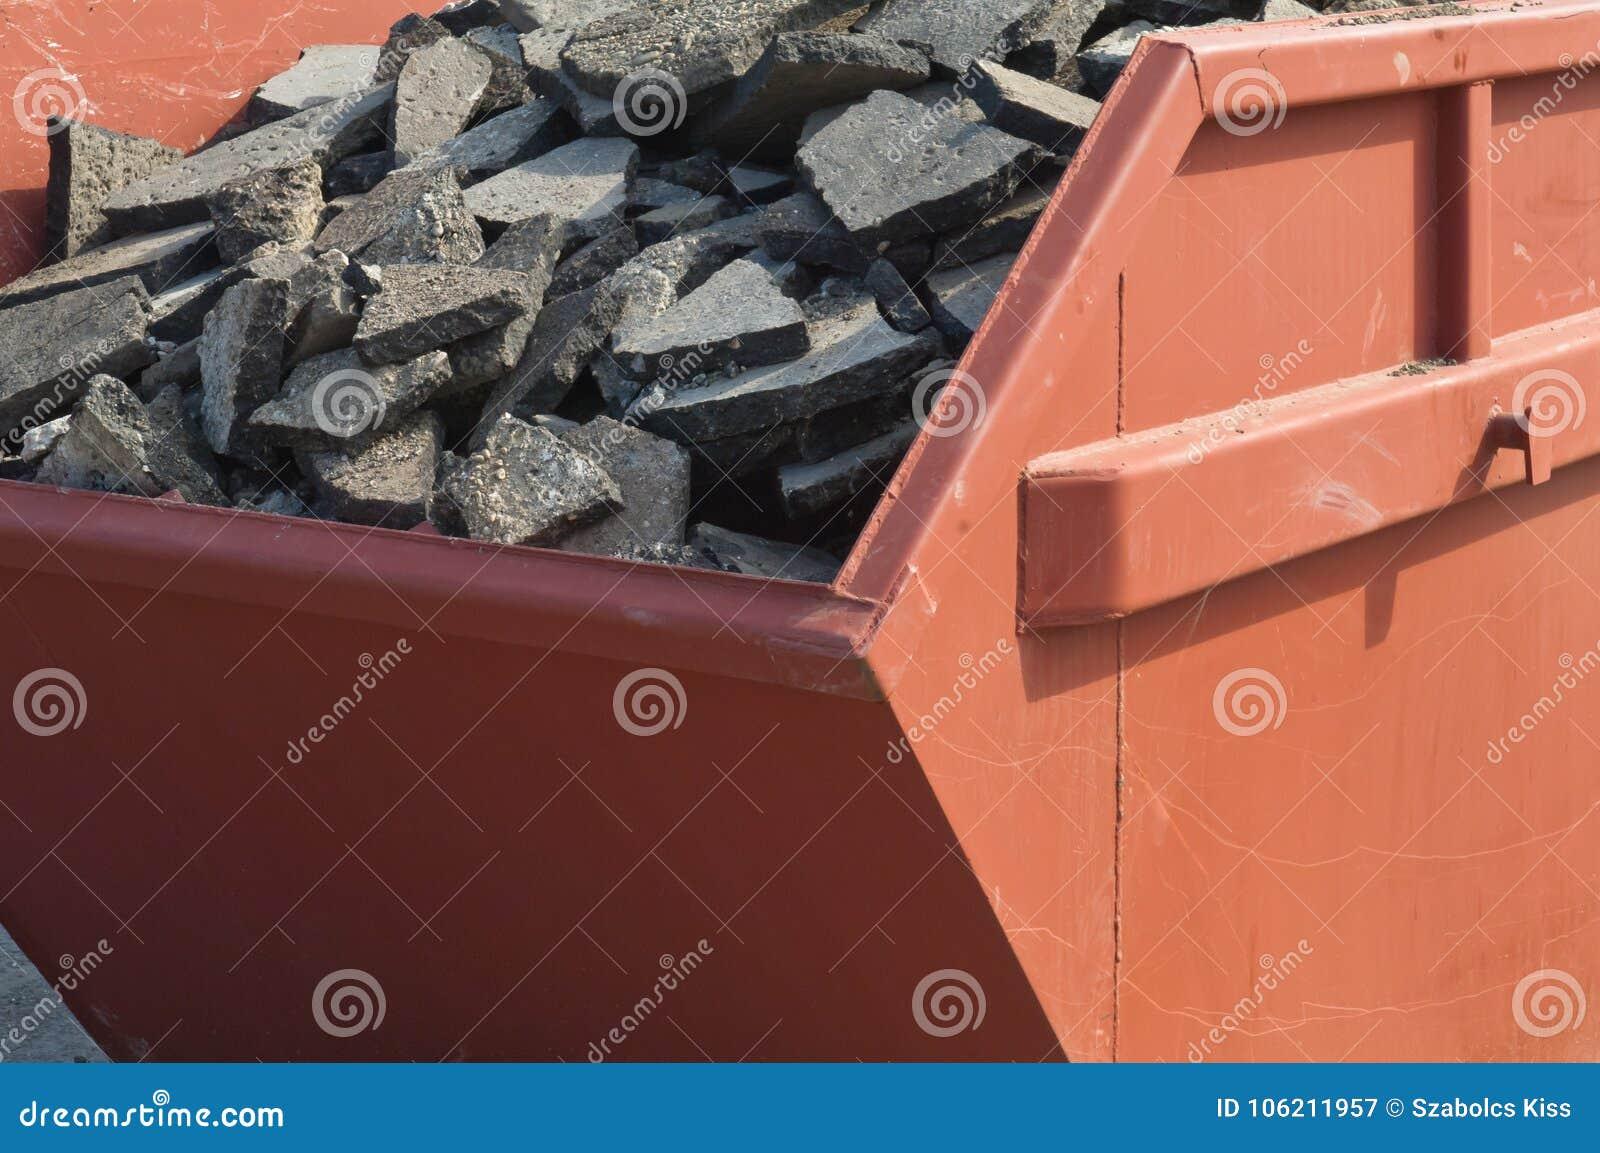 Pavimento inútil del asfalto y materiales concretos en envase